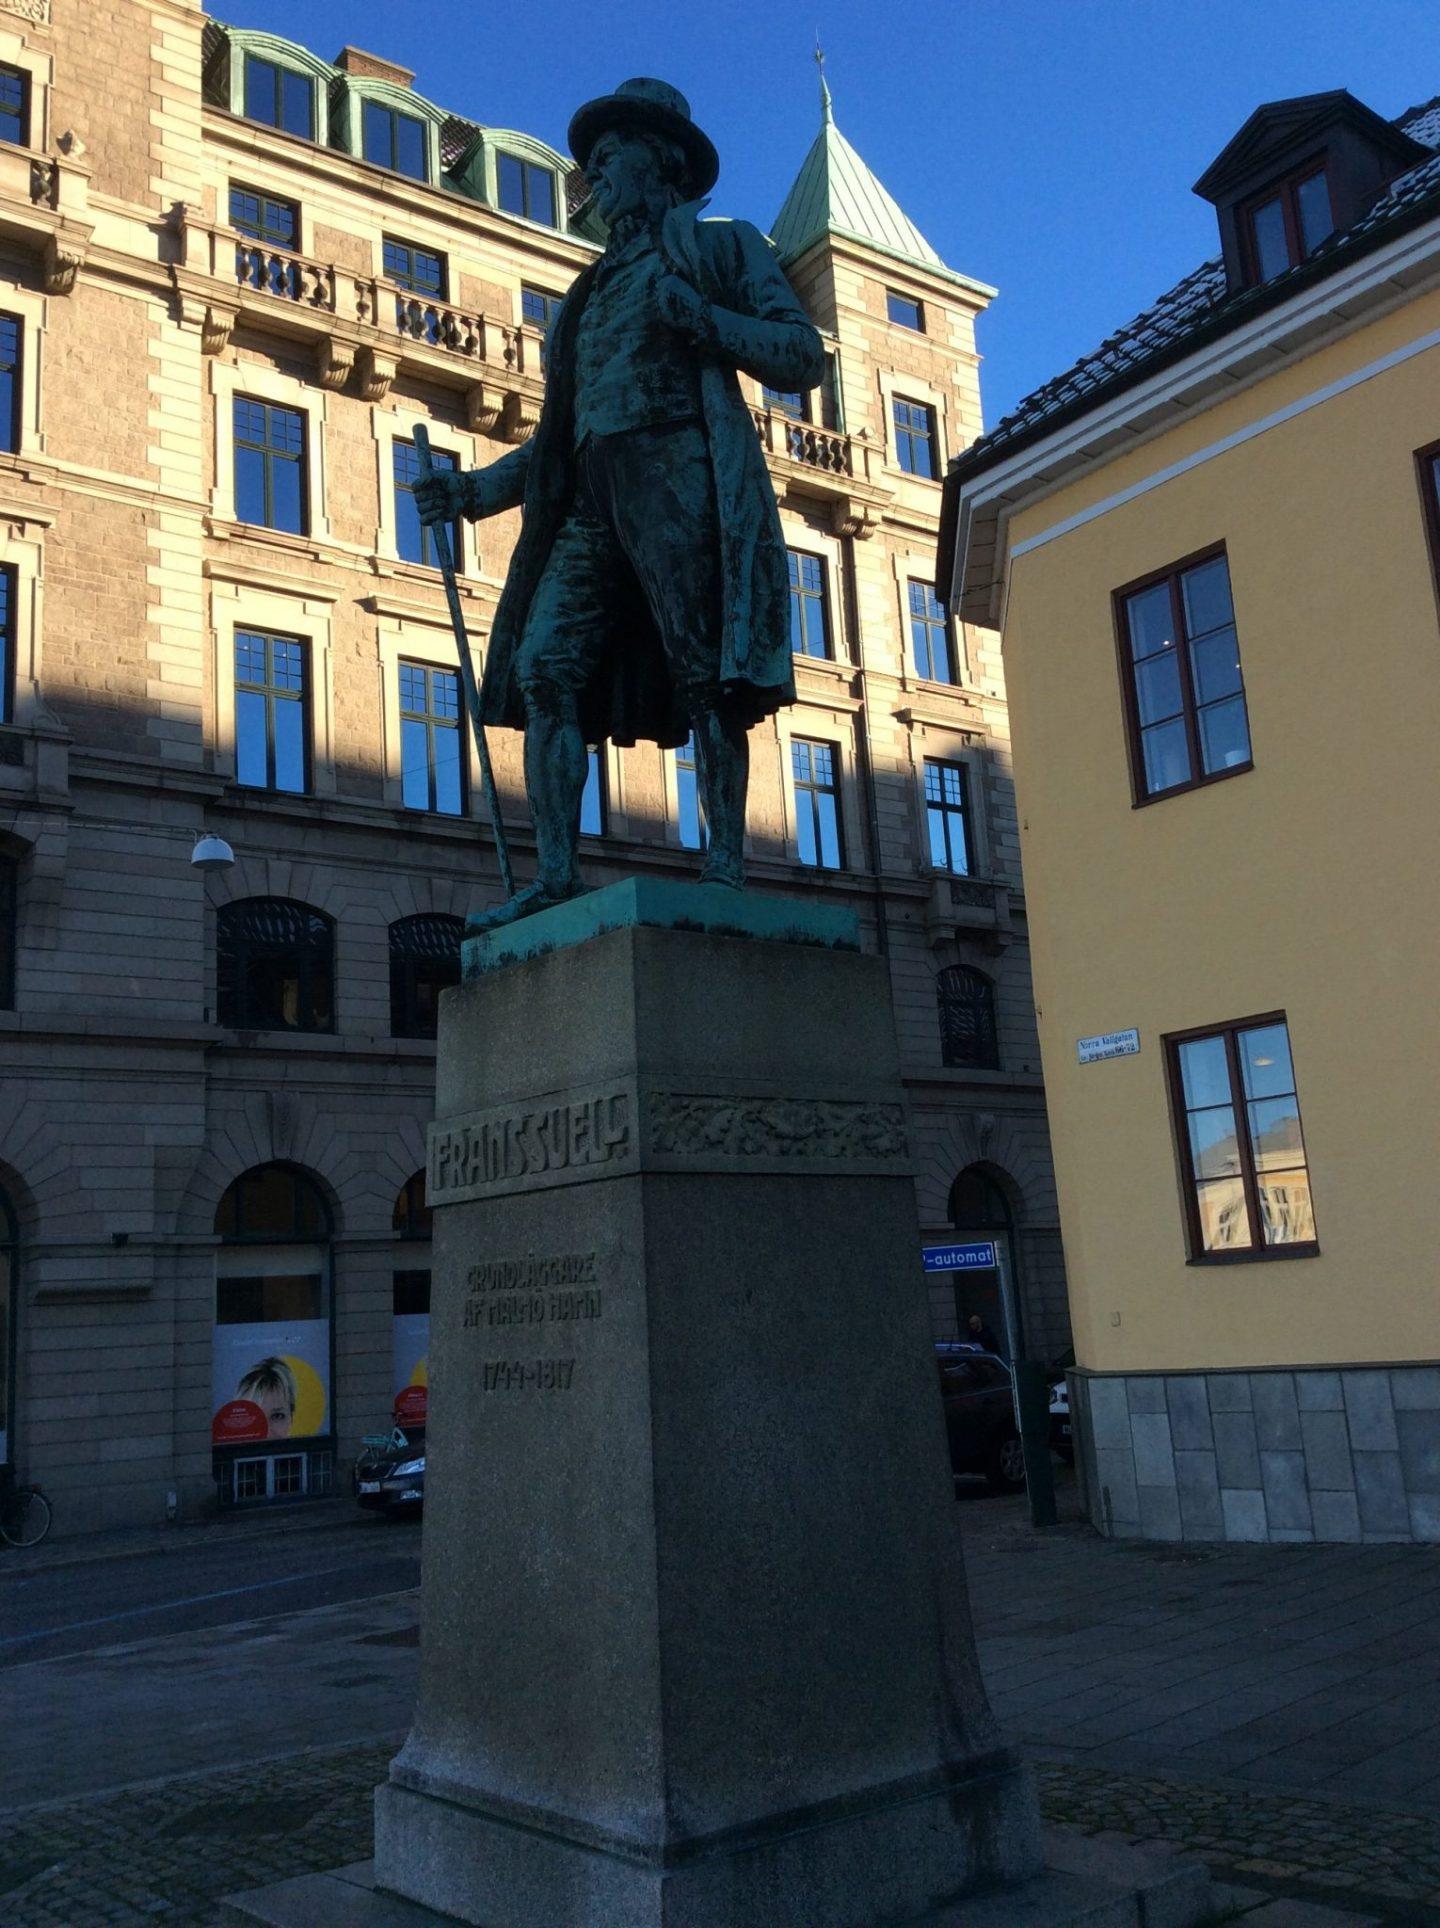 IMG 0203 1440x1928 - Malmö and the history